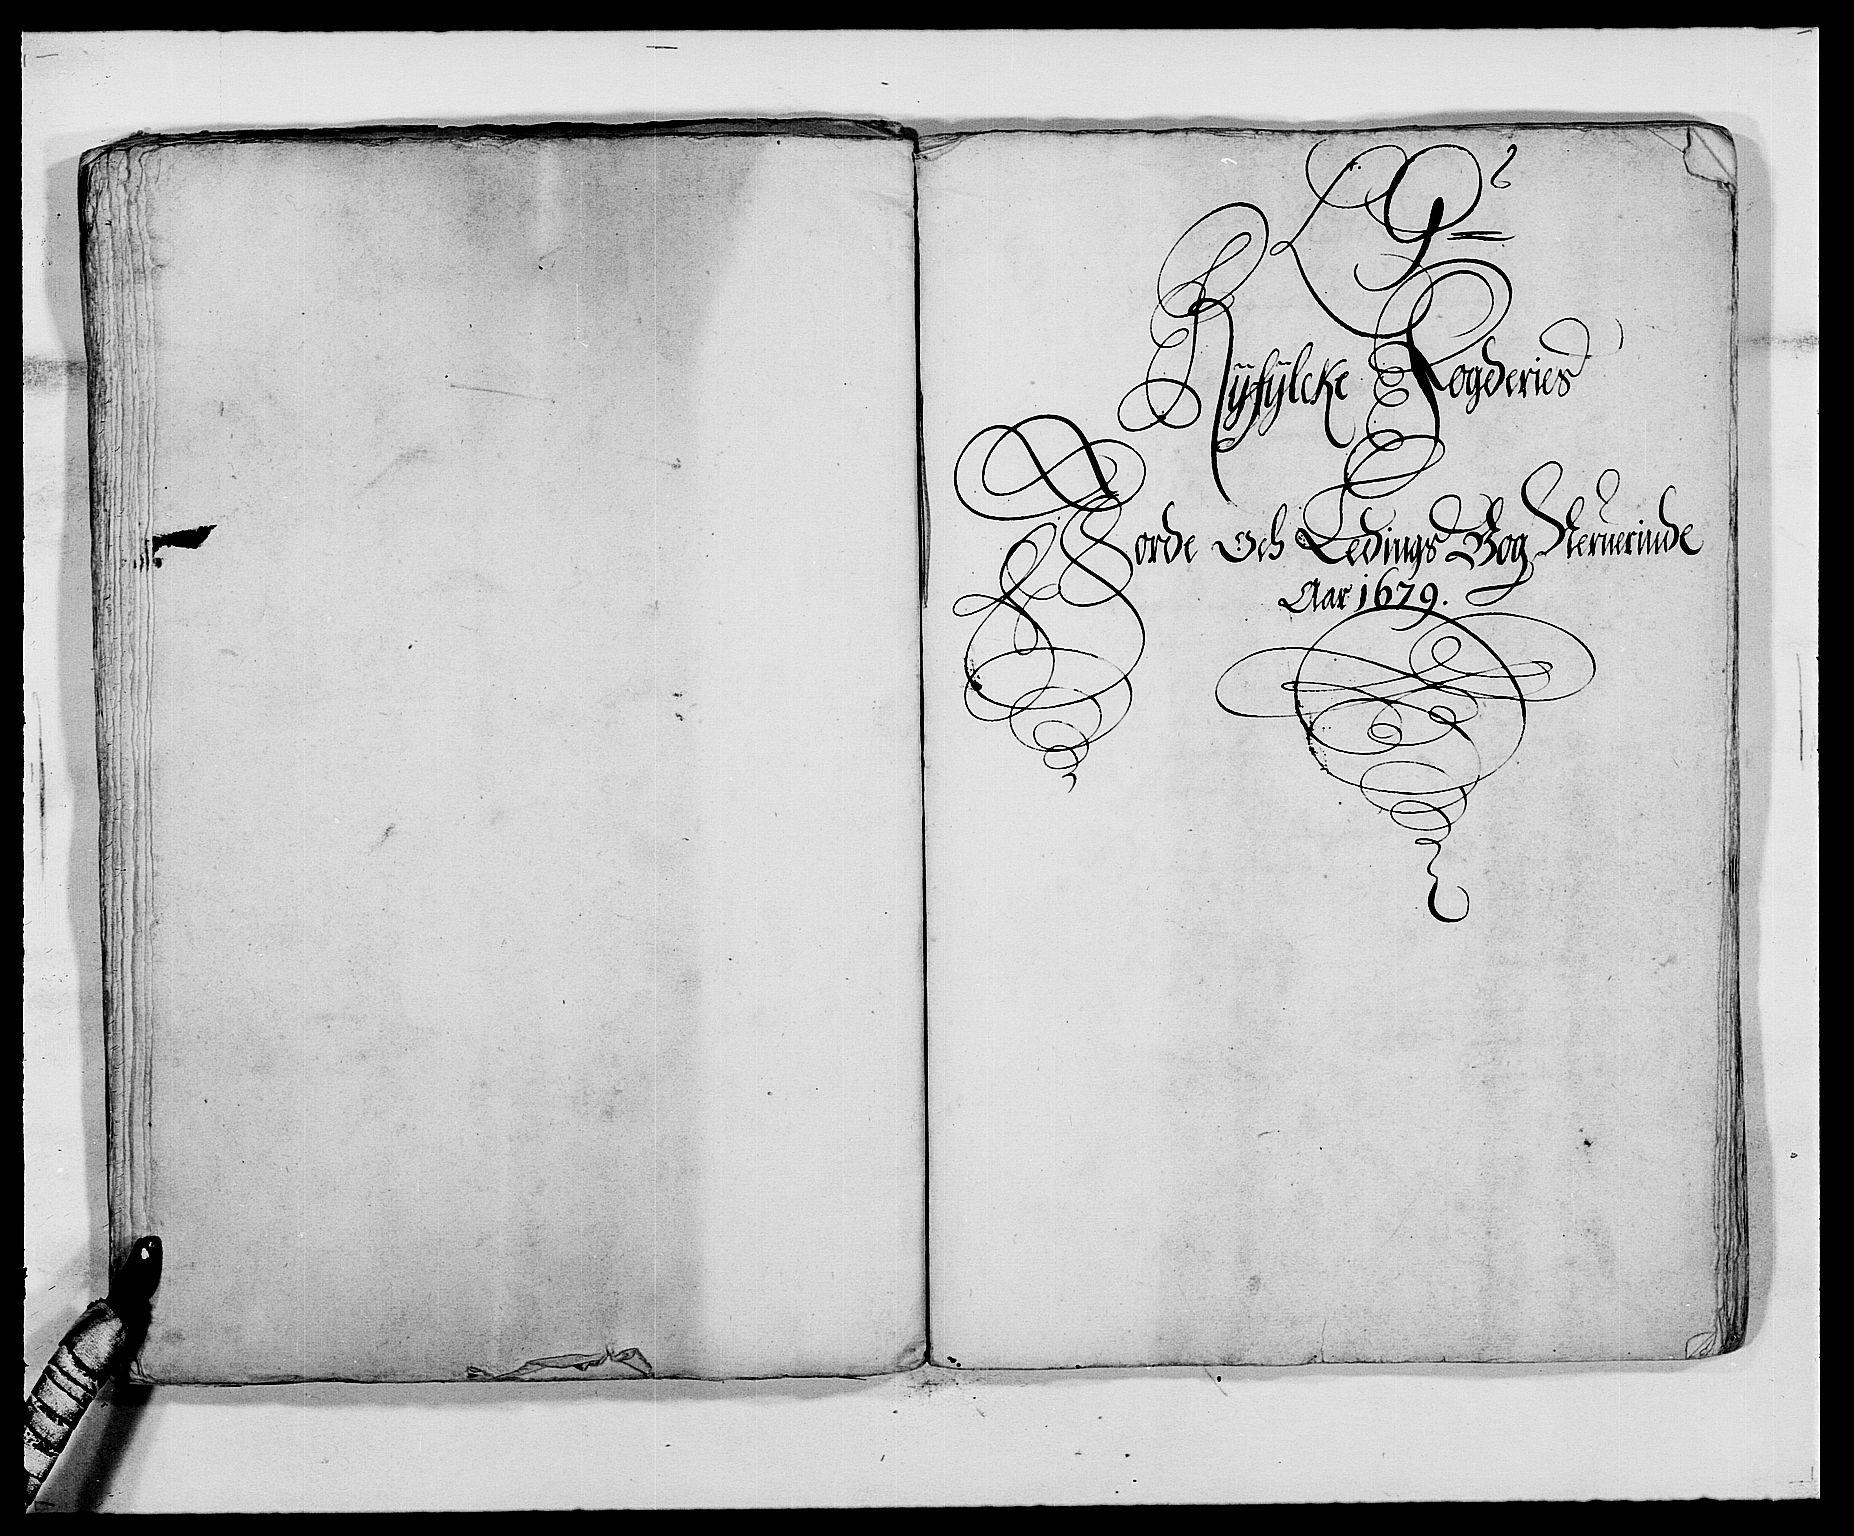 RA, Rentekammeret inntil 1814, Reviderte regnskaper, Fogderegnskap, R47/L2849: Fogderegnskap Ryfylke, 1679, s. 188